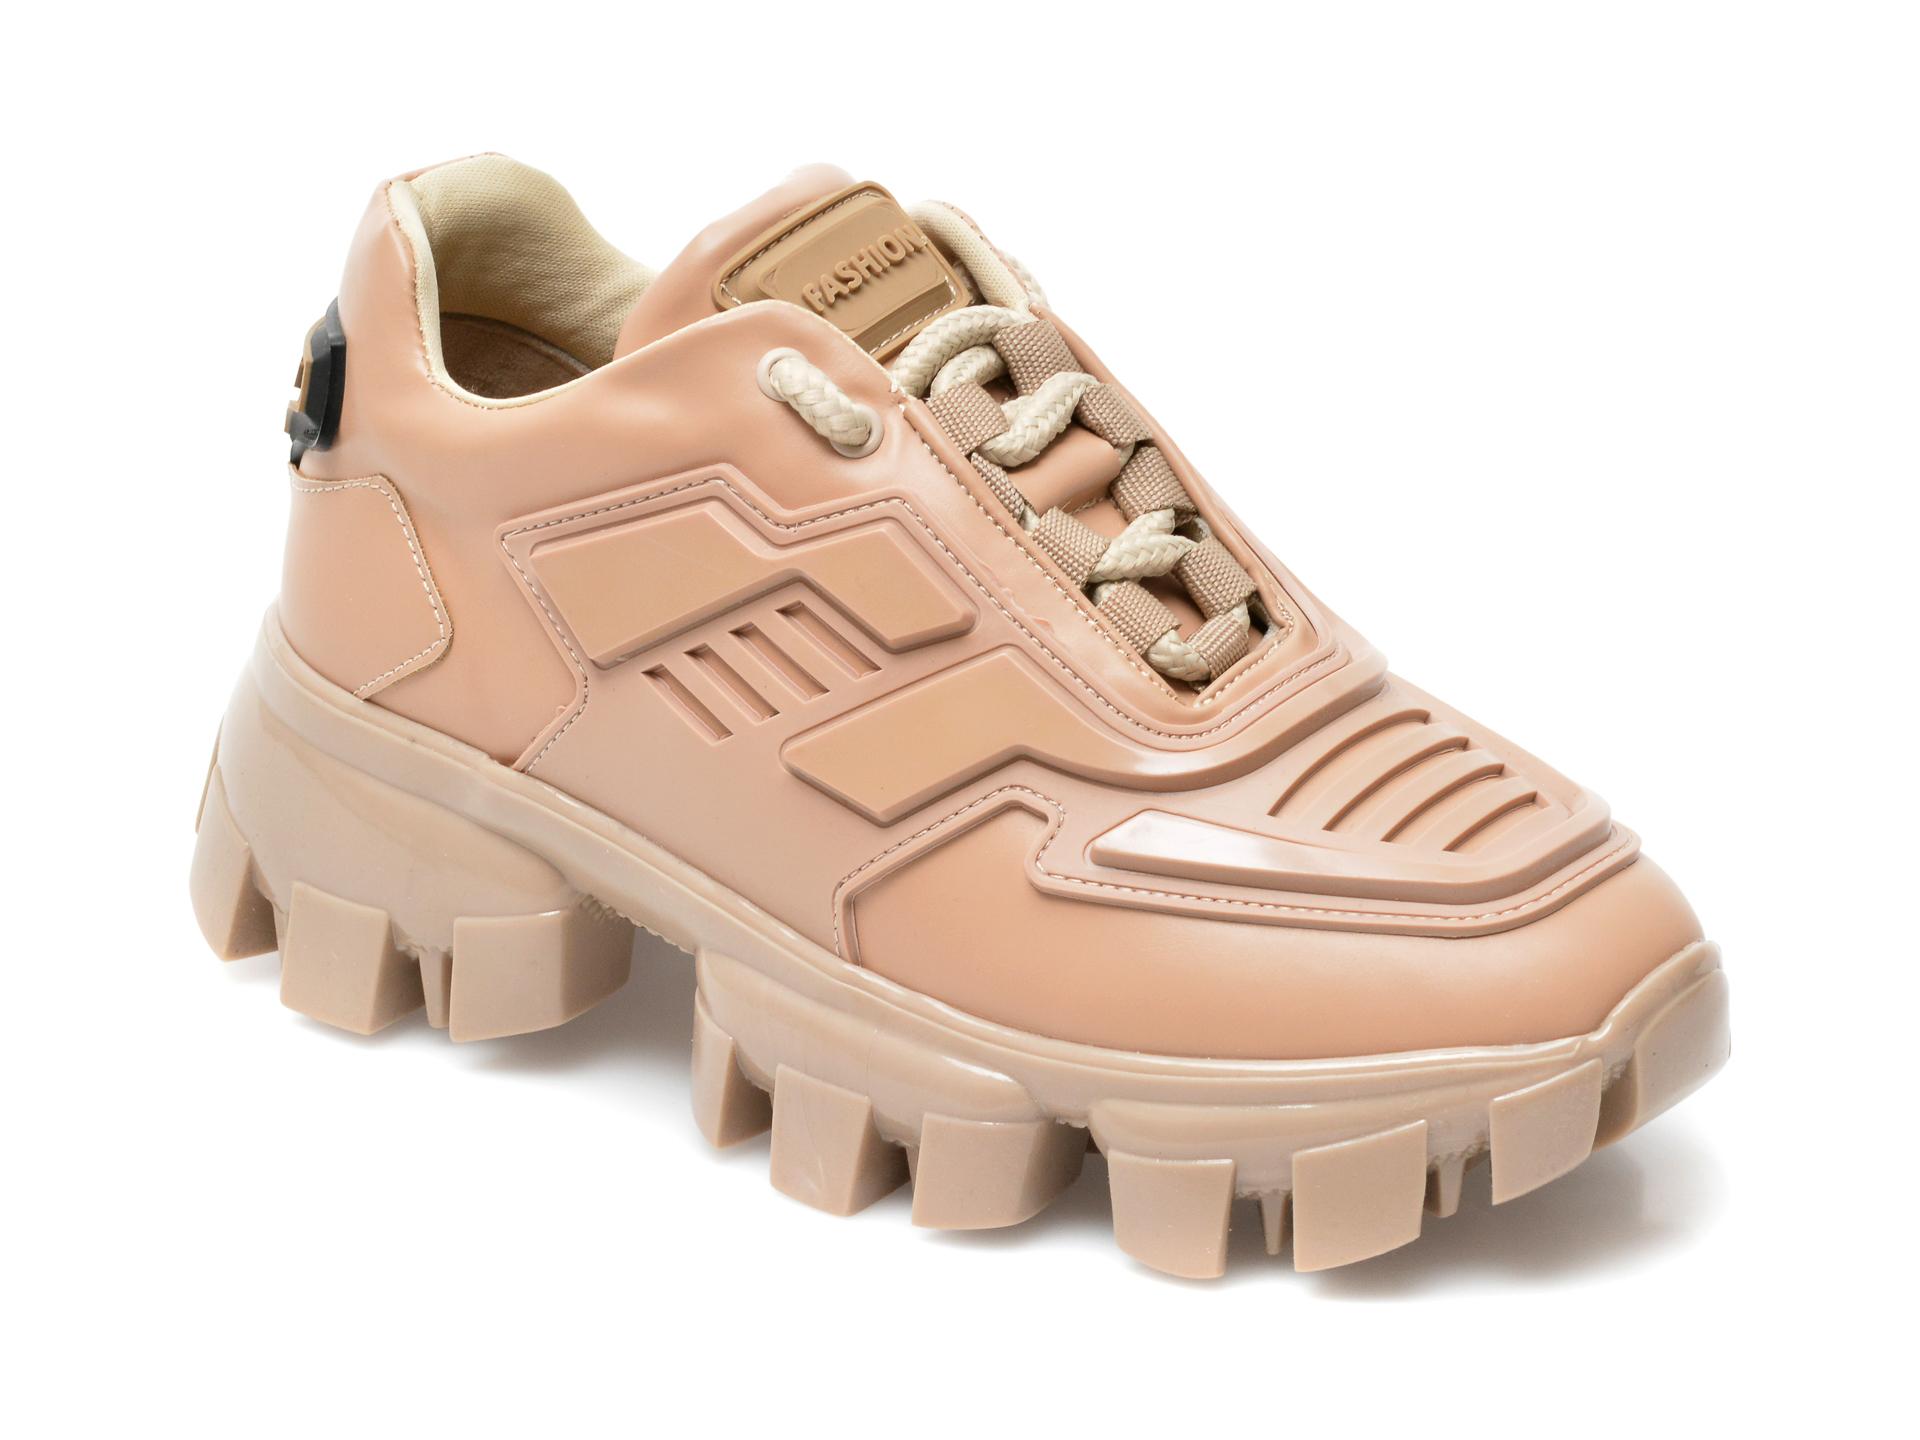 Pantofi sport GRYXX nude, MO12551, din piele ecologica